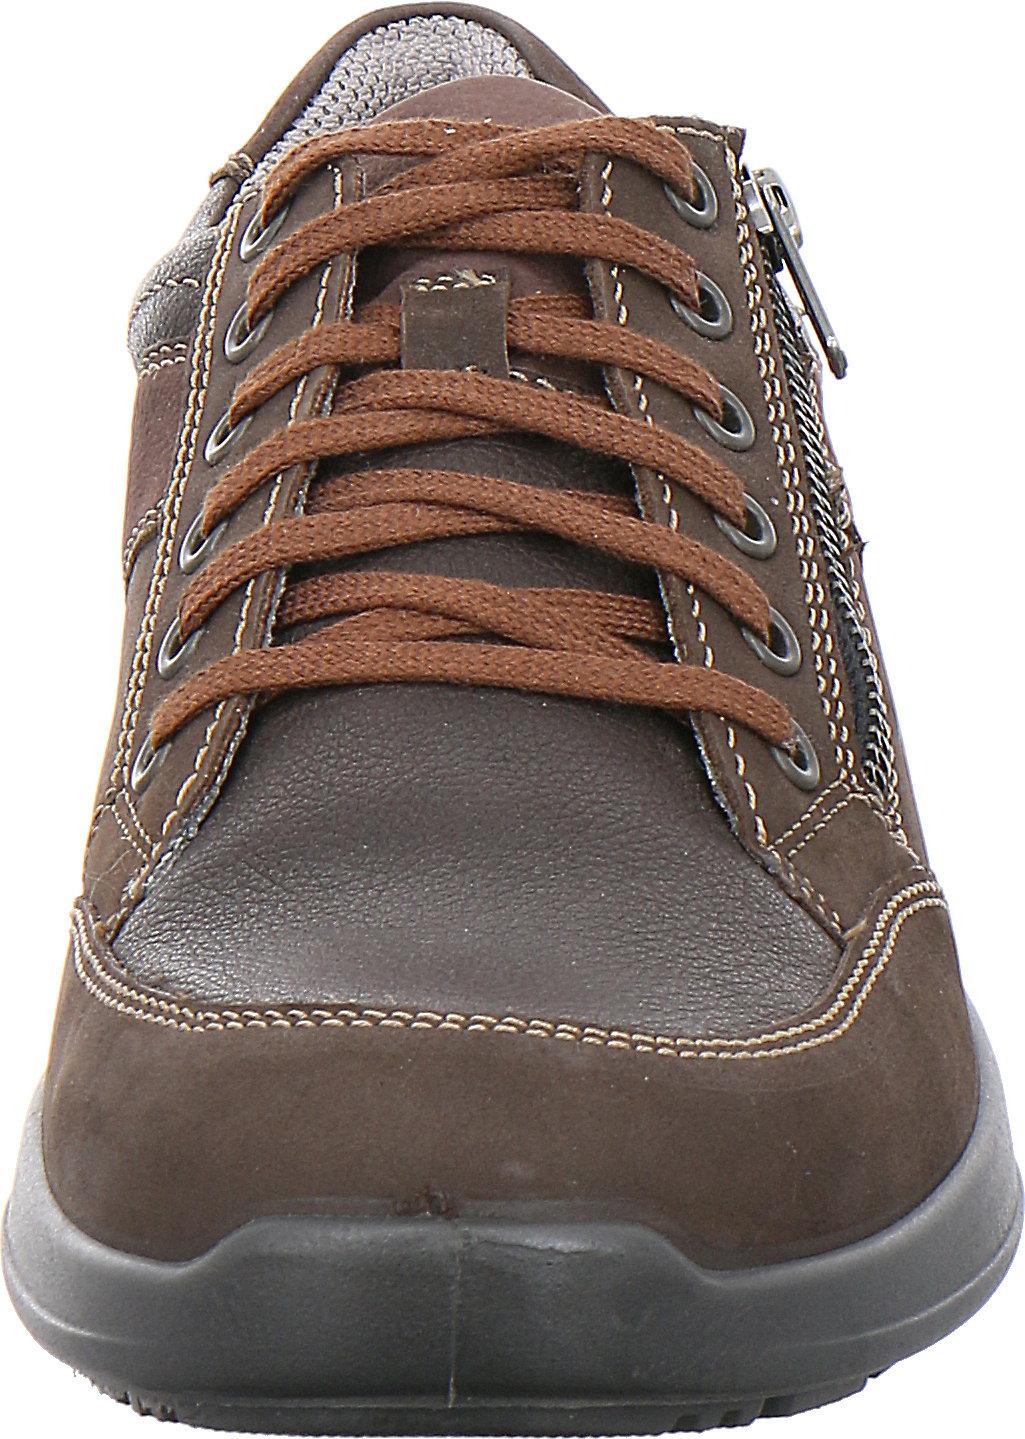 Heelys DRIFT 7554 Sneaker Größe 42 SchuheSportschuheTurnschuhe